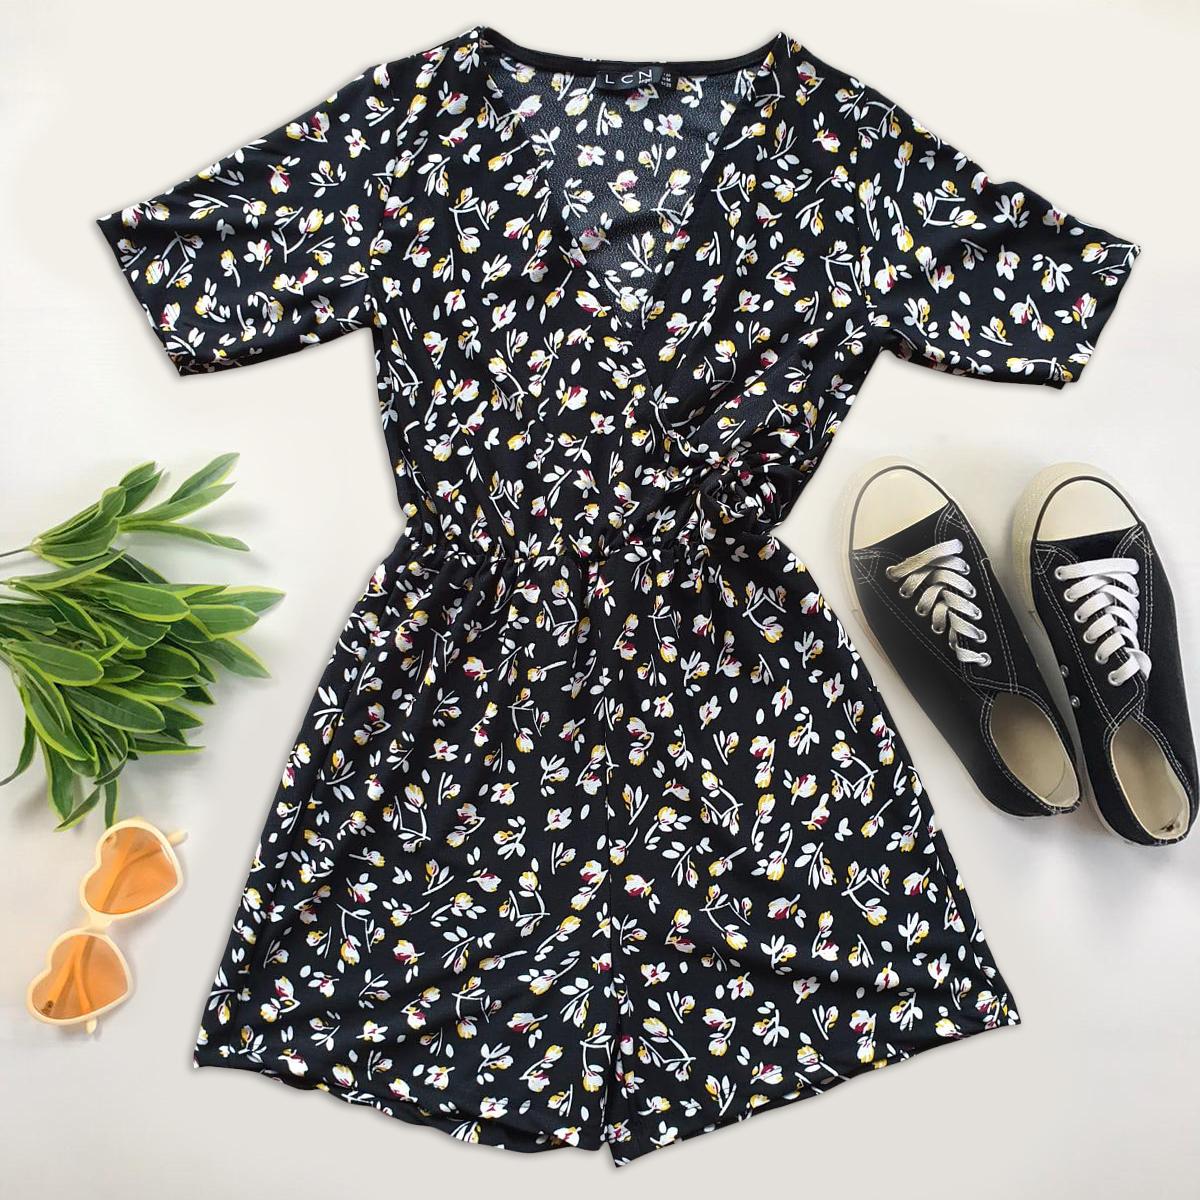 Salopeta dama casual de vara confortabila neagra cu floricele albe